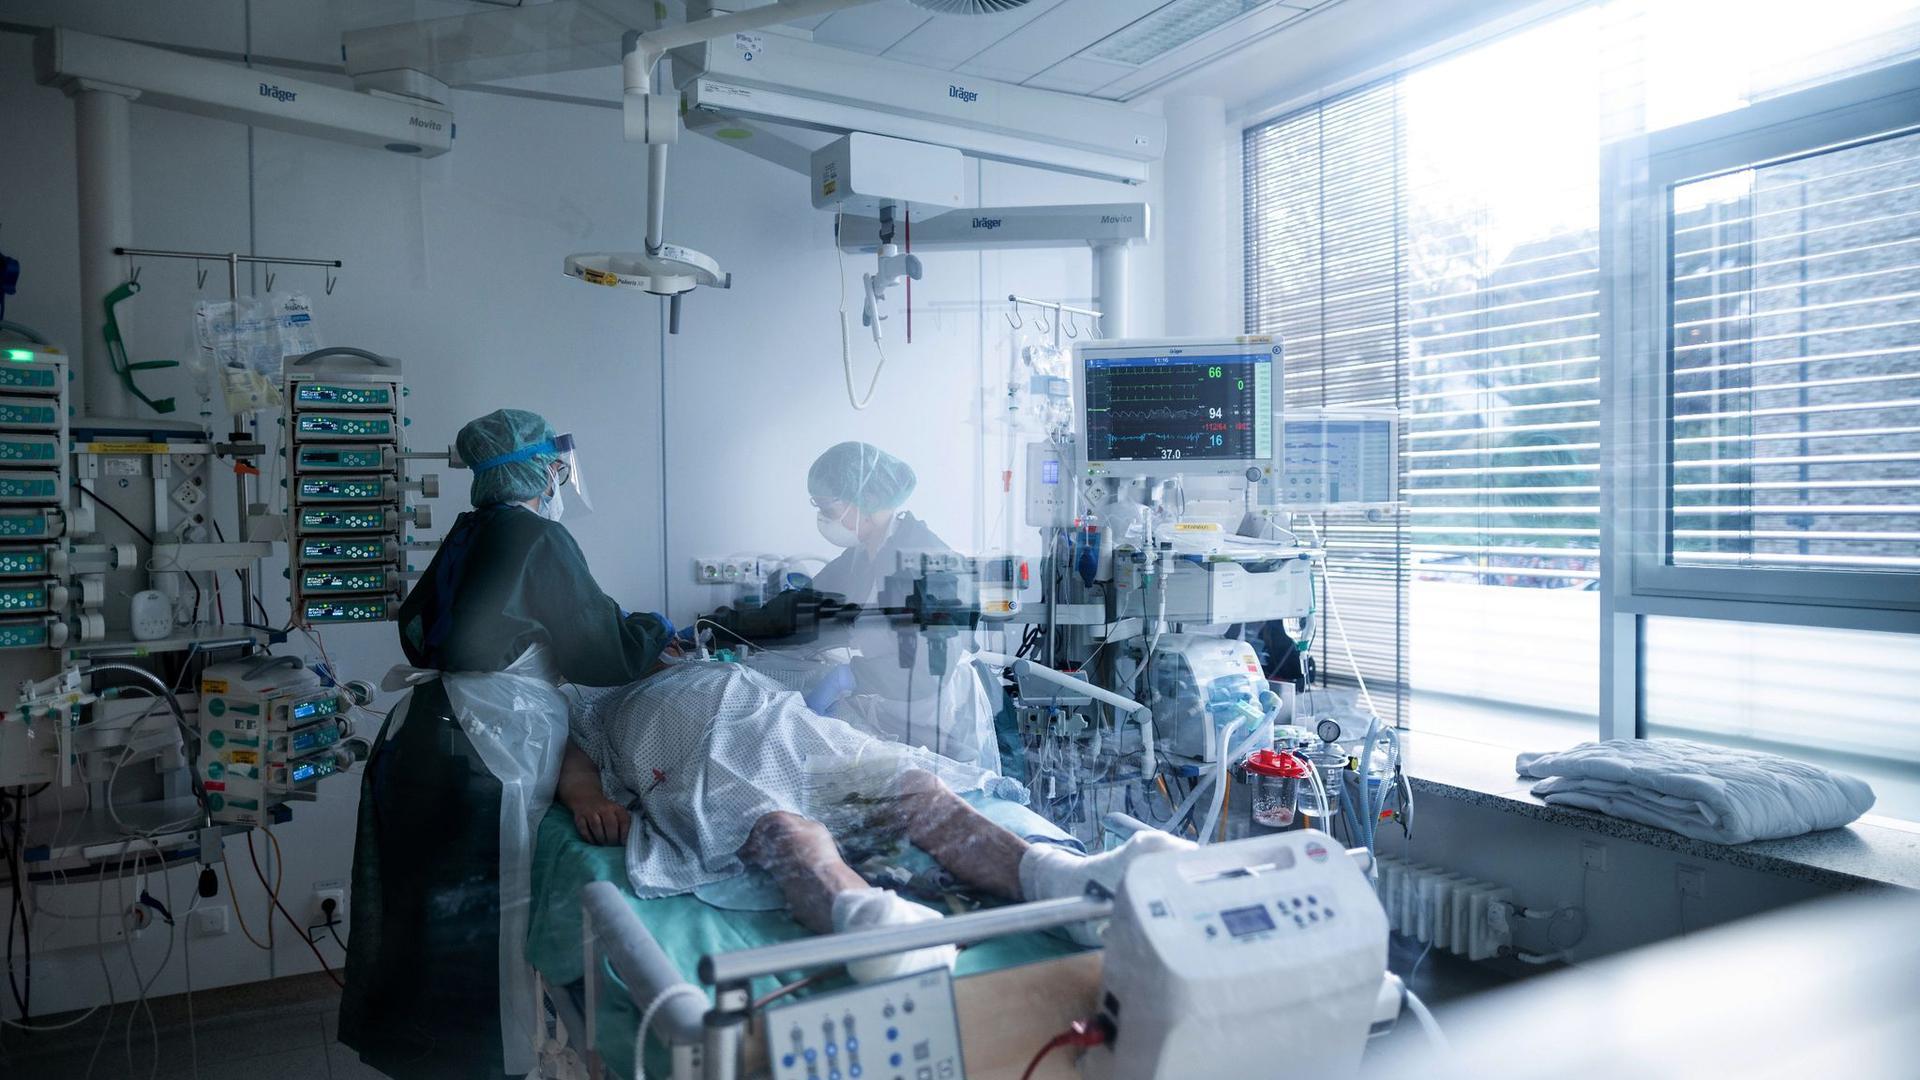 Höchstbelastung für das Krankenhauspersonal: Pflegerinnen in Schutzausrüstung betreuen einen Corona-Patienten.